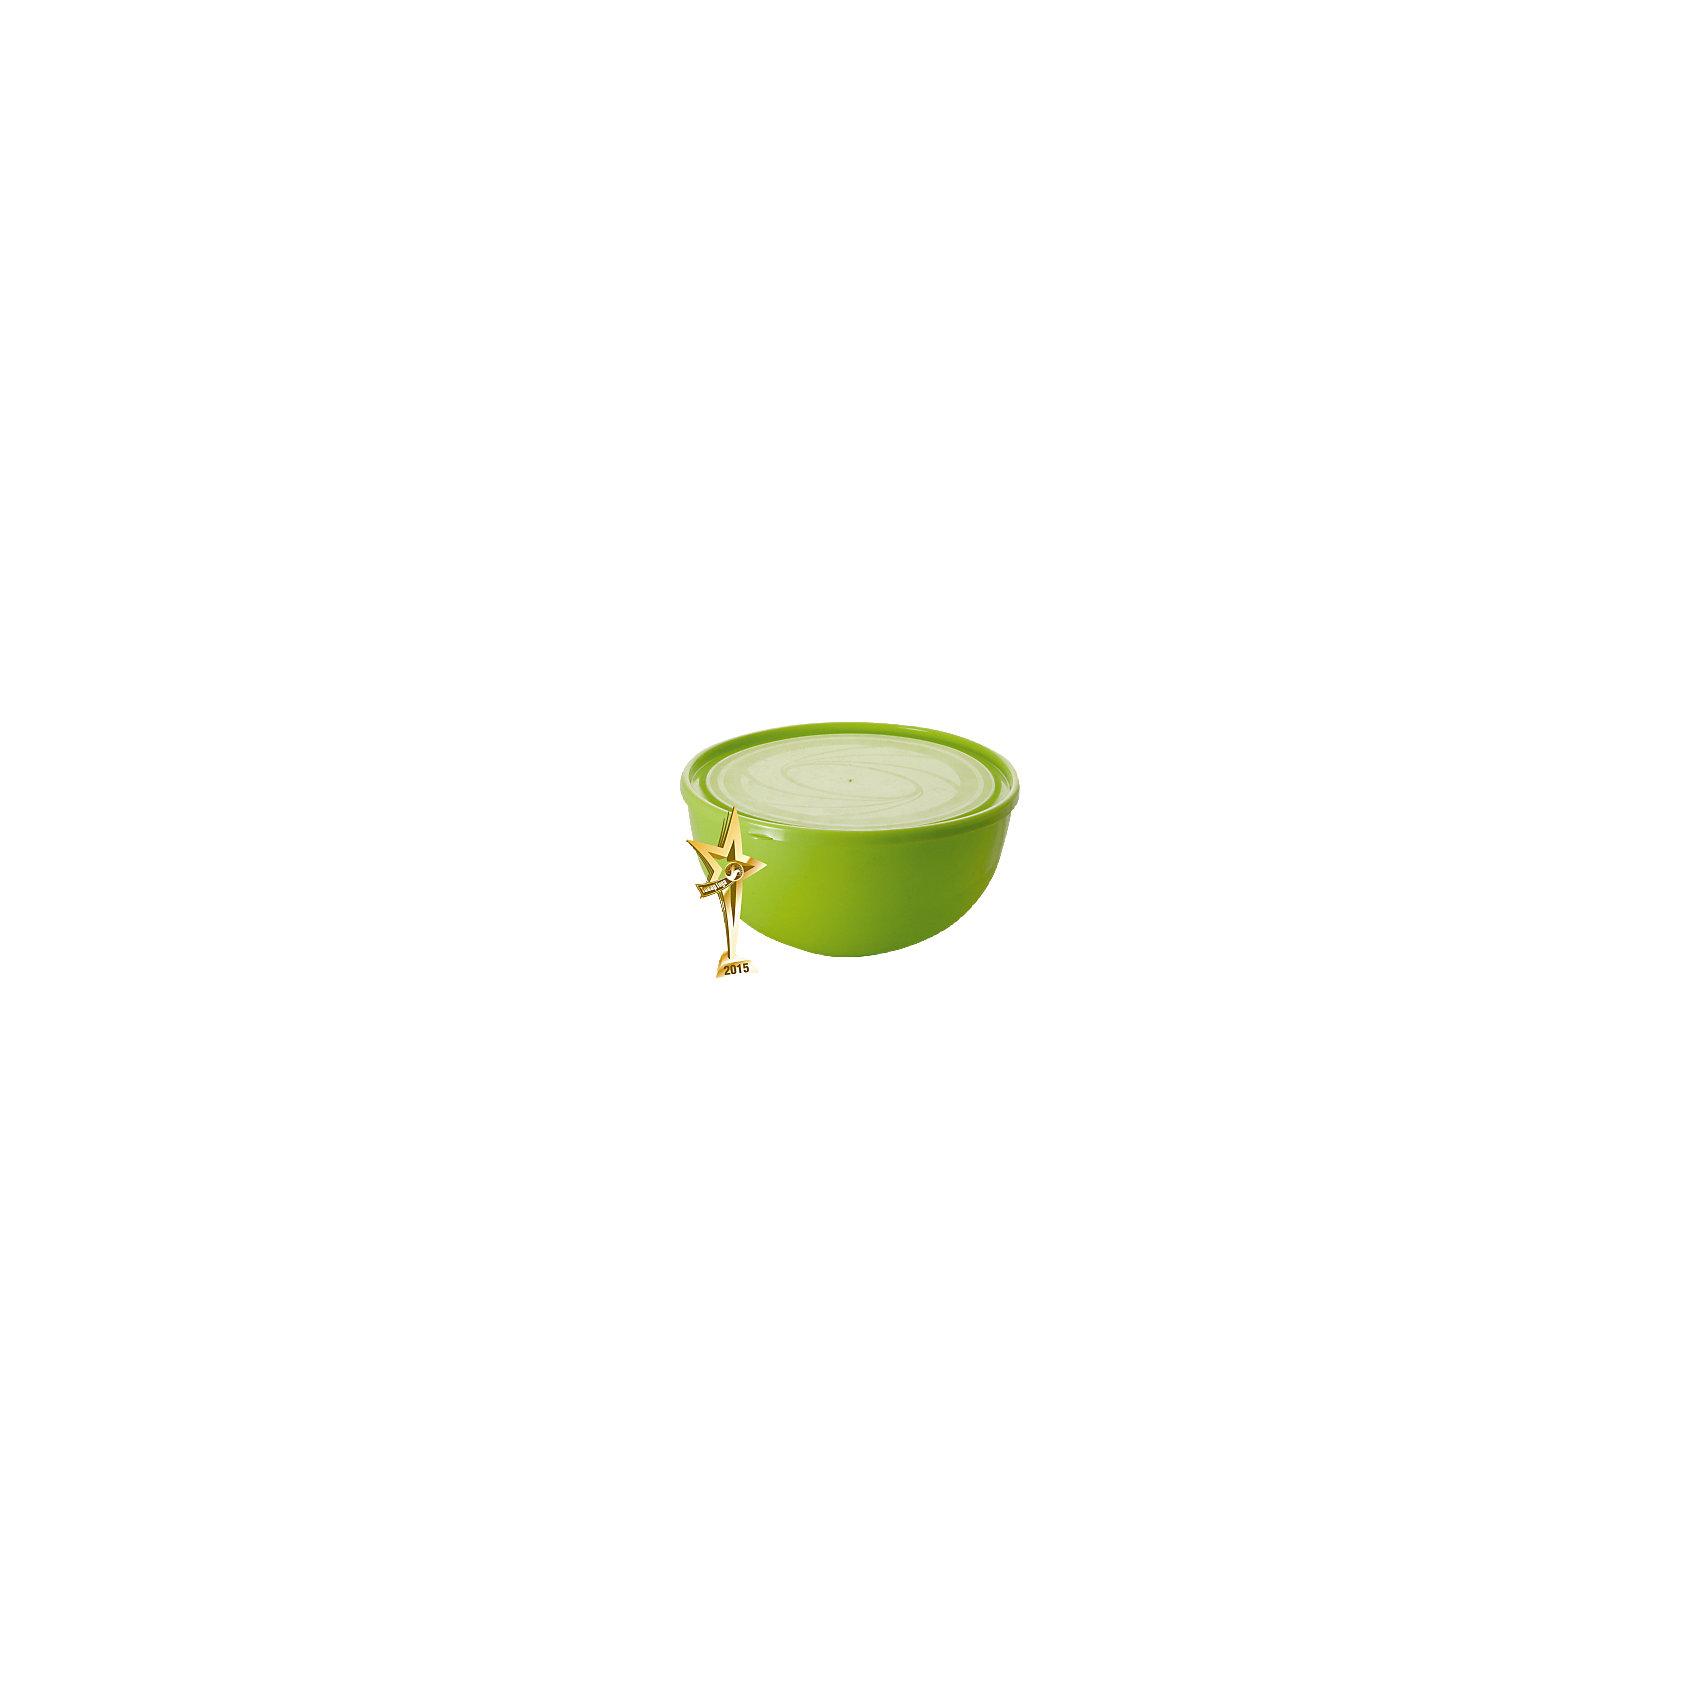 Салатник Galaxy 4,0 л с крышкой, Plastic CentreДетская посуда<br>Салатник Galaxy 4,0 л с крышкой, Plastic Centre<br><br>Характеристики:<br><br>• Цвет: зеленый<br>• Материал: пластик<br>• В комплекте: 1 штука<br>• Объем: 4 литра<br>• С крышкой<br><br>Благодаря яркому интересному дизайну этот салатник придаст творческой атмосферы вашей кухне и процессу готовки. Его можно использовать как для приготовления блюд, так и для их подачи на стол. Салатник имеет литраж 4 л, а так же изготовлен из высококачественного пластика. Дополнительно к салатнику прилагается крышка, которая защитит еду от запахов.<br><br>Салатник Galaxy 4,0 л с крышкой, Plastic Centre можно купить в нашем интернет-магазине.<br><br>Ширина мм: 260<br>Глубина мм: 255<br>Высота мм: 130<br>Вес г: 315<br>Возраст от месяцев: 216<br>Возраст до месяцев: 1188<br>Пол: Унисекс<br>Возраст: Детский<br>SKU: 5545695